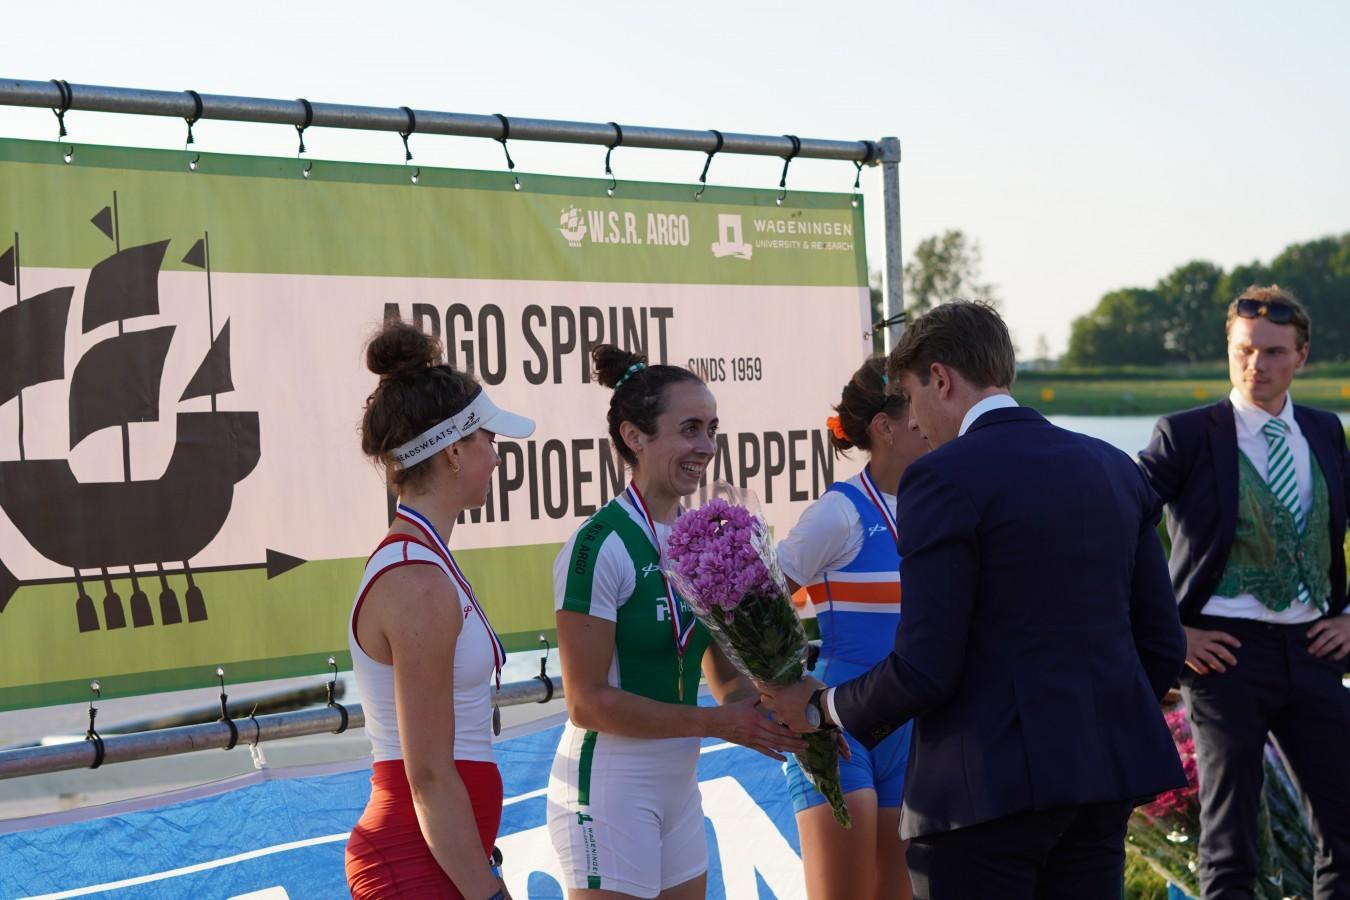 Argo Sprint Erevlot